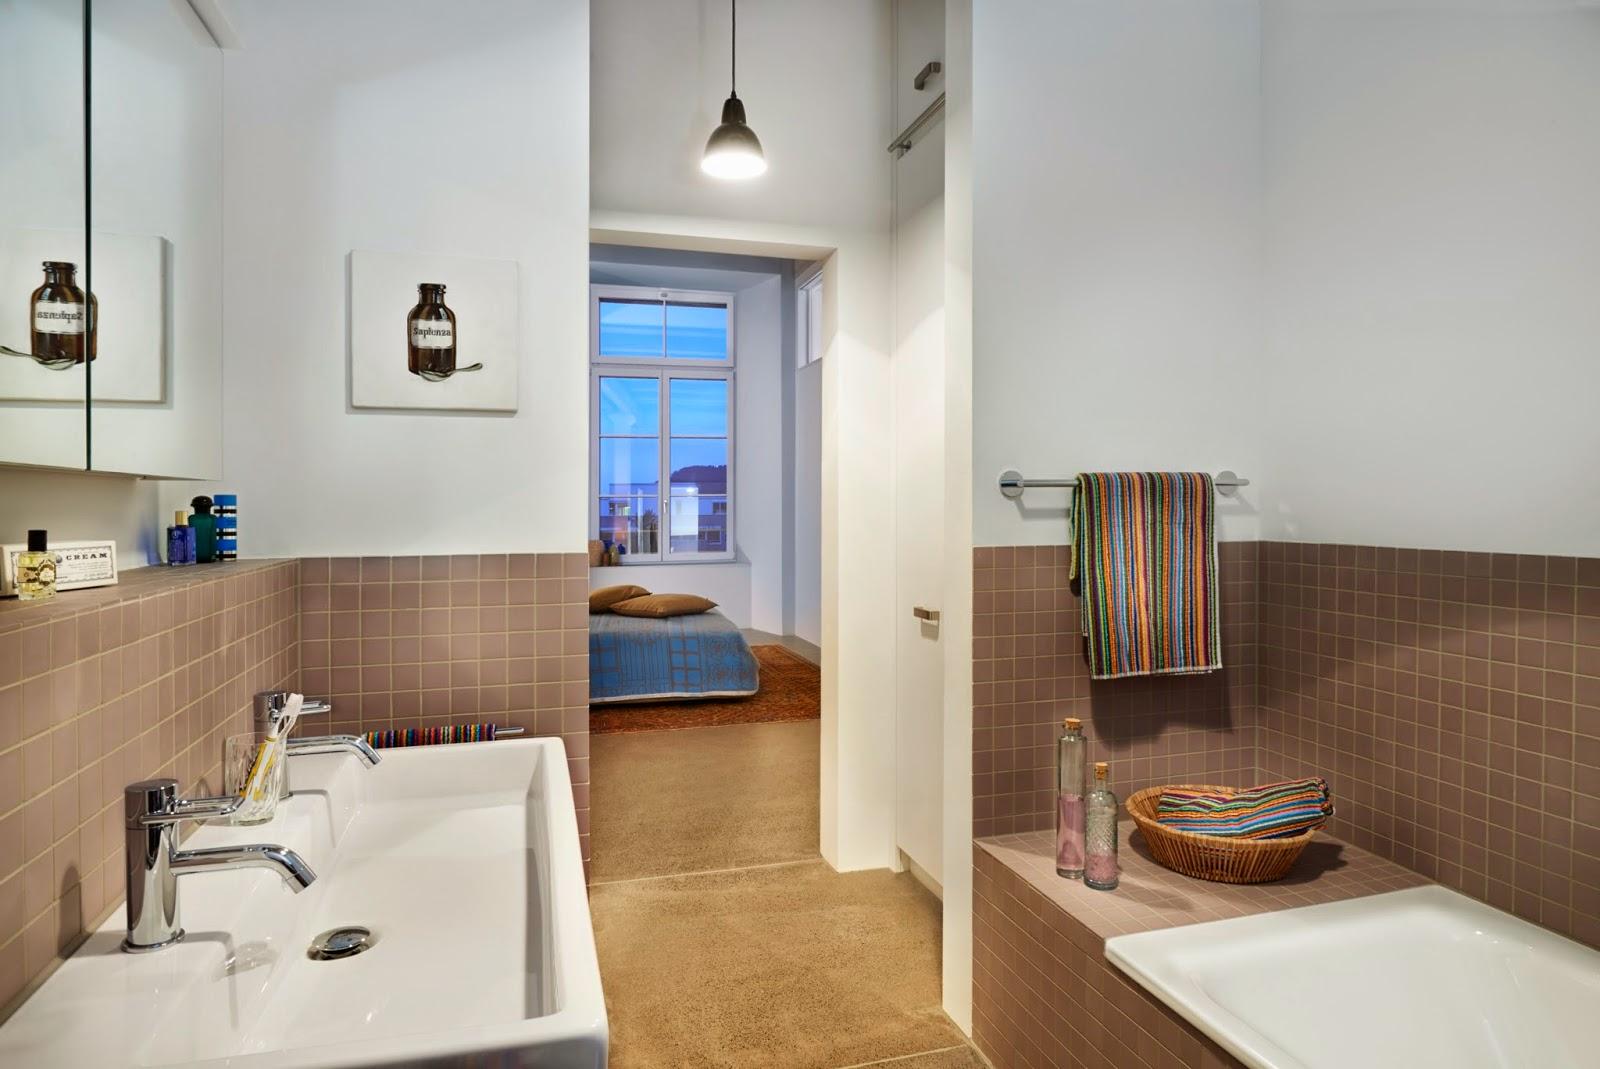 Ванная комната в современном стиле в квартире